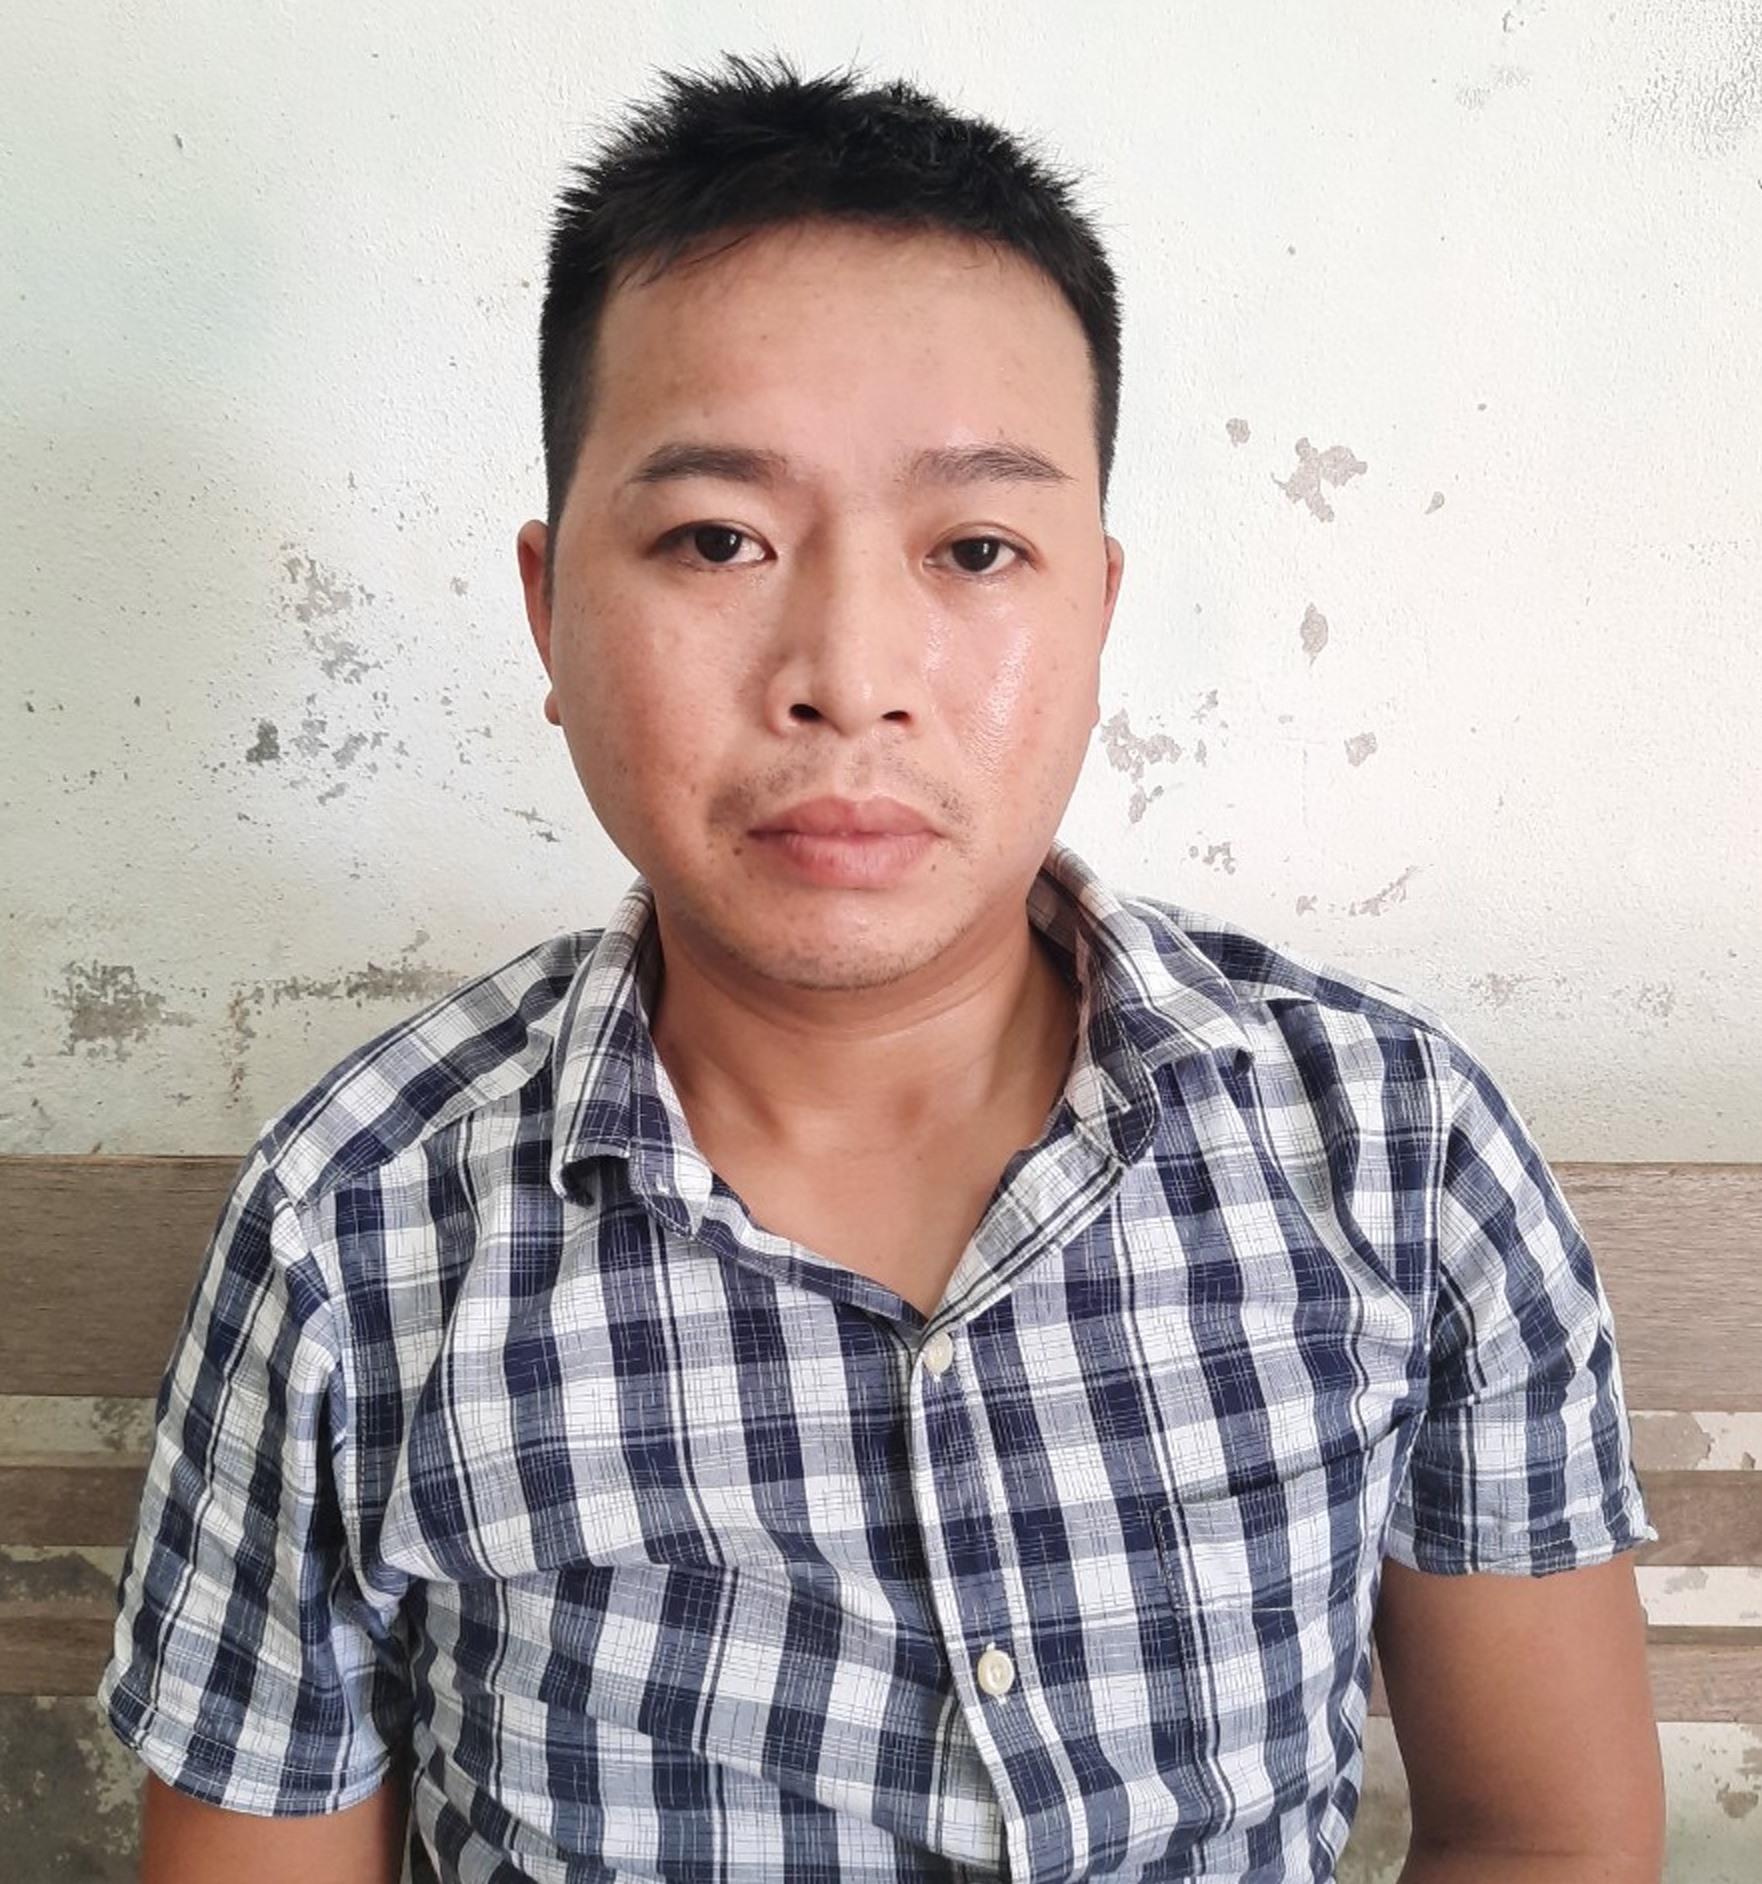 Đối tượng Lê Văn Dũng.